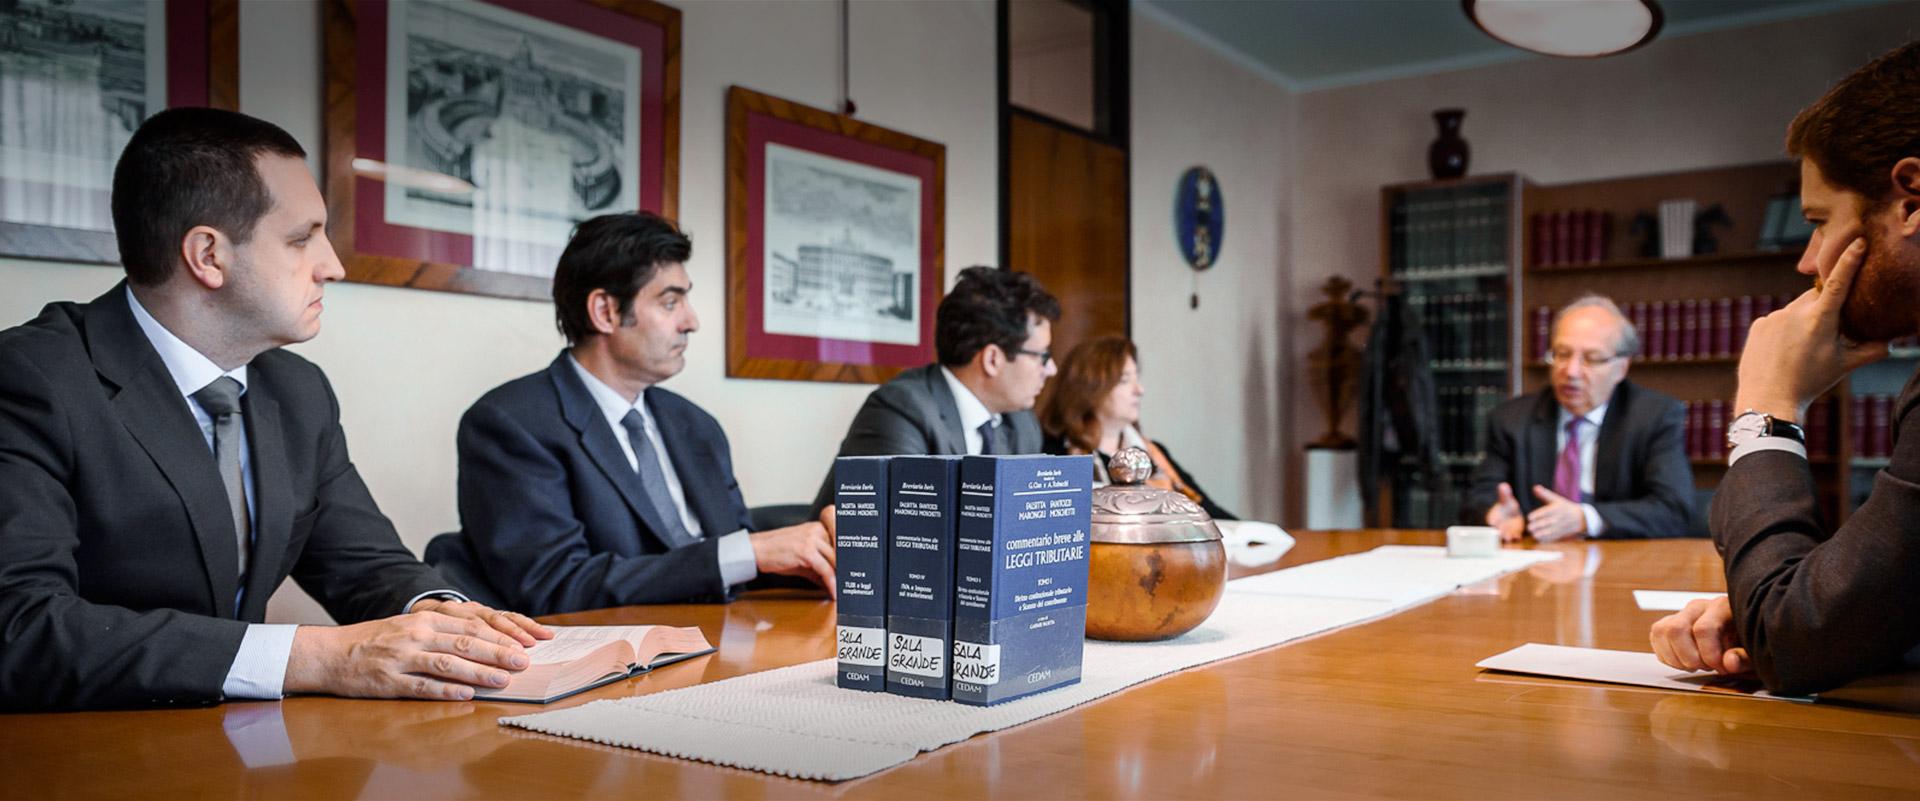 studio-legale-moschetti-header-22